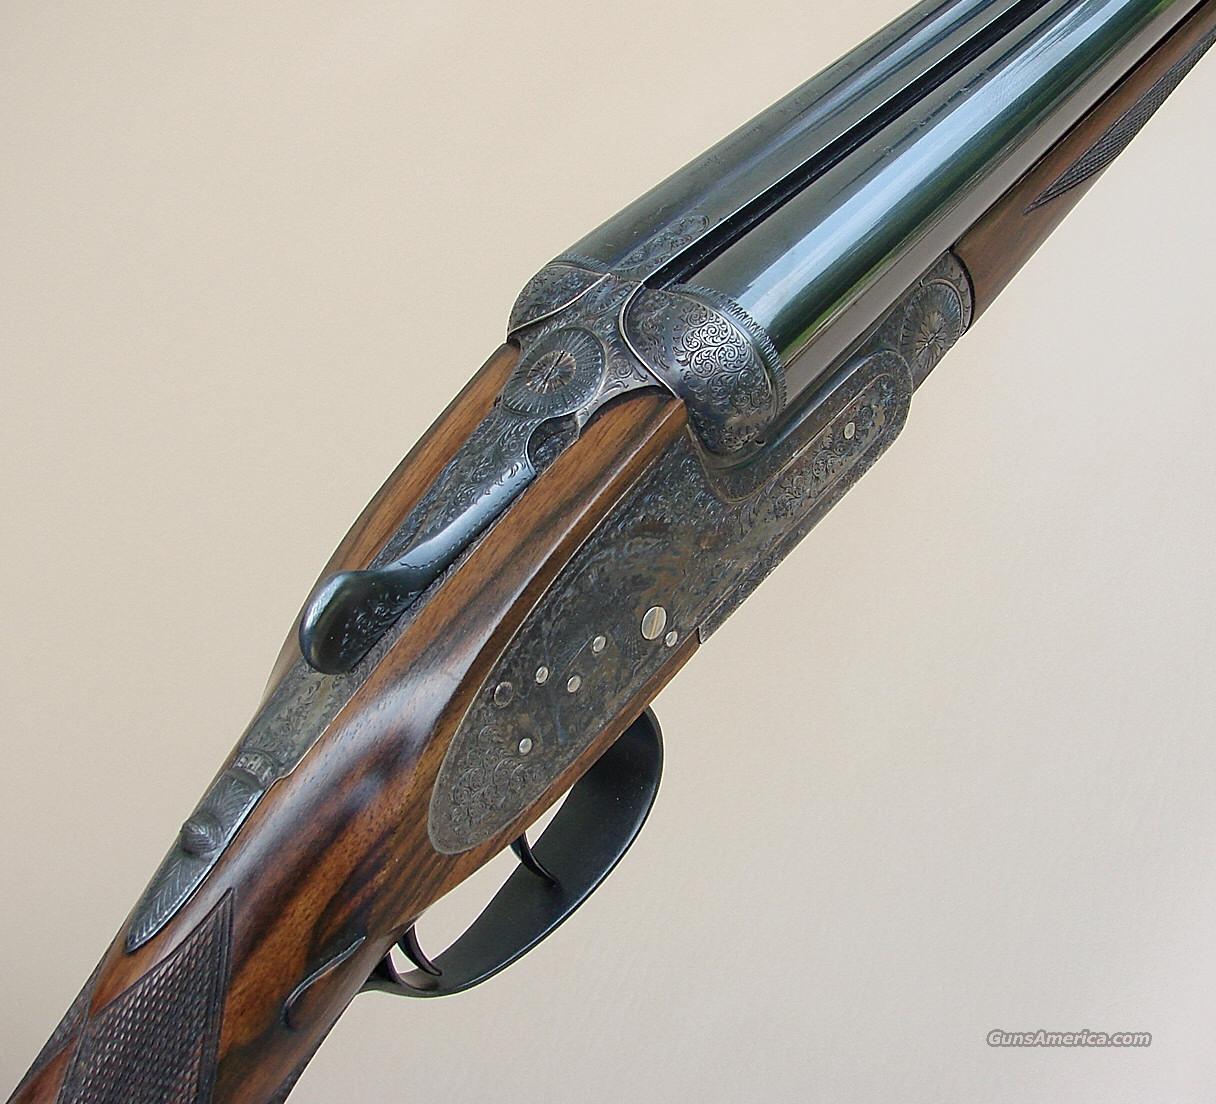 arrieta 16 gauge side by side shotgun for sale. Black Bedroom Furniture Sets. Home Design Ideas